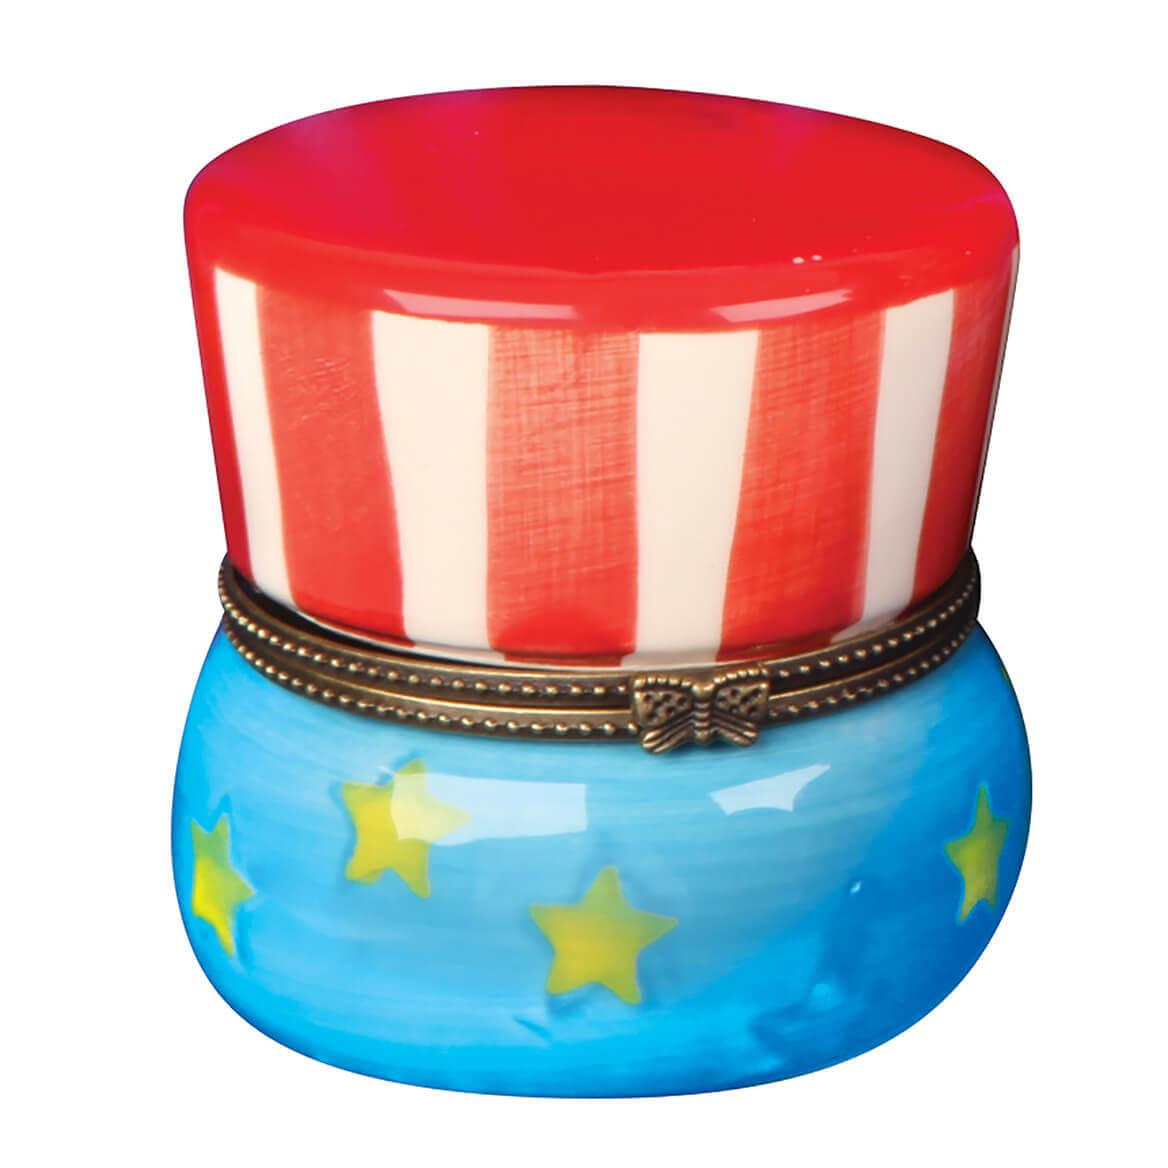 Magnifique™ Porcelain Trinket Box-369991